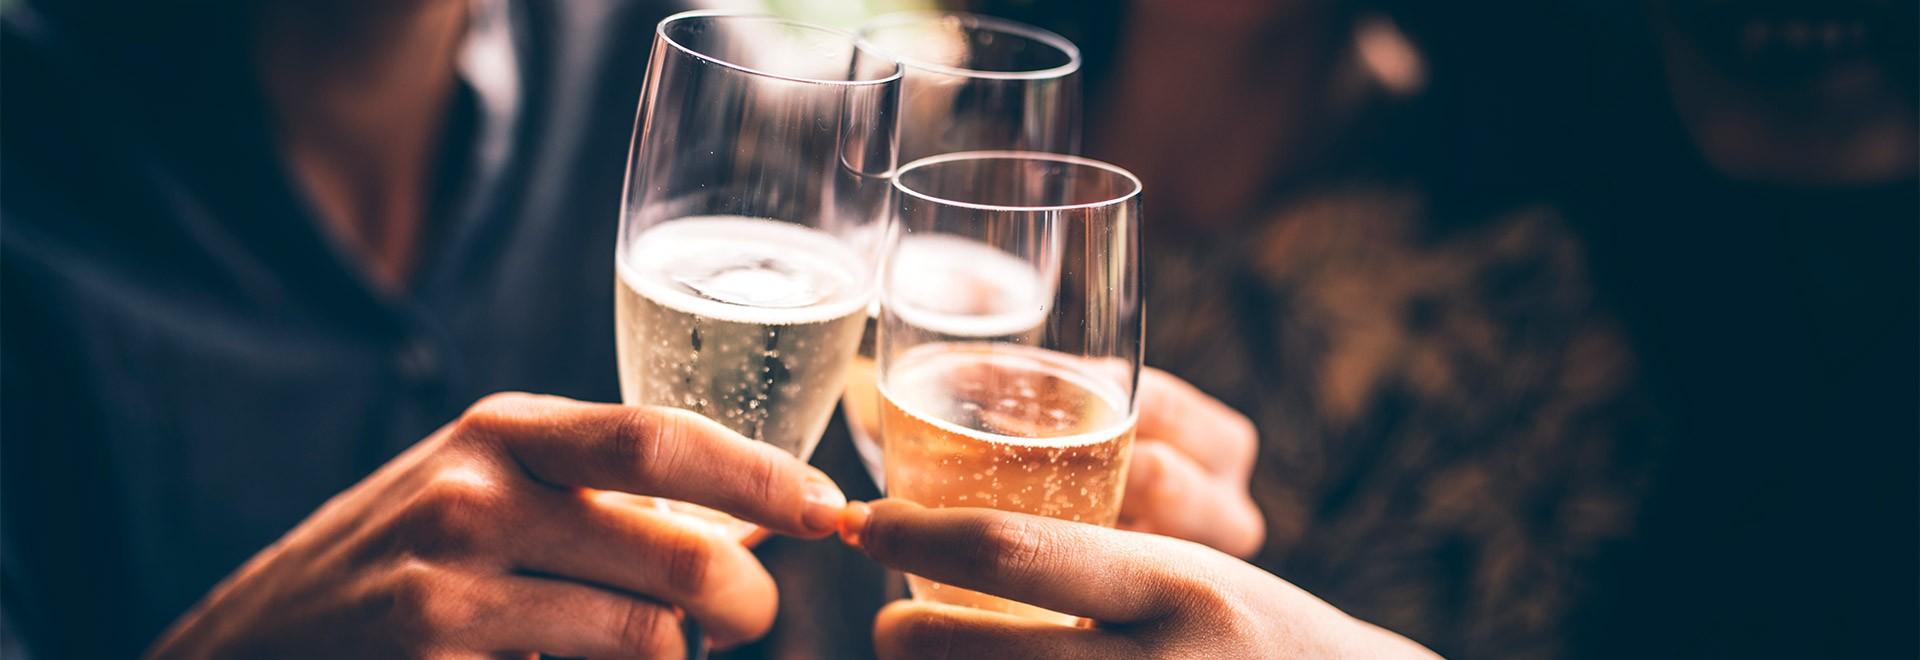 Coupes, flûtes et verres à champagne : tout est dans la forme